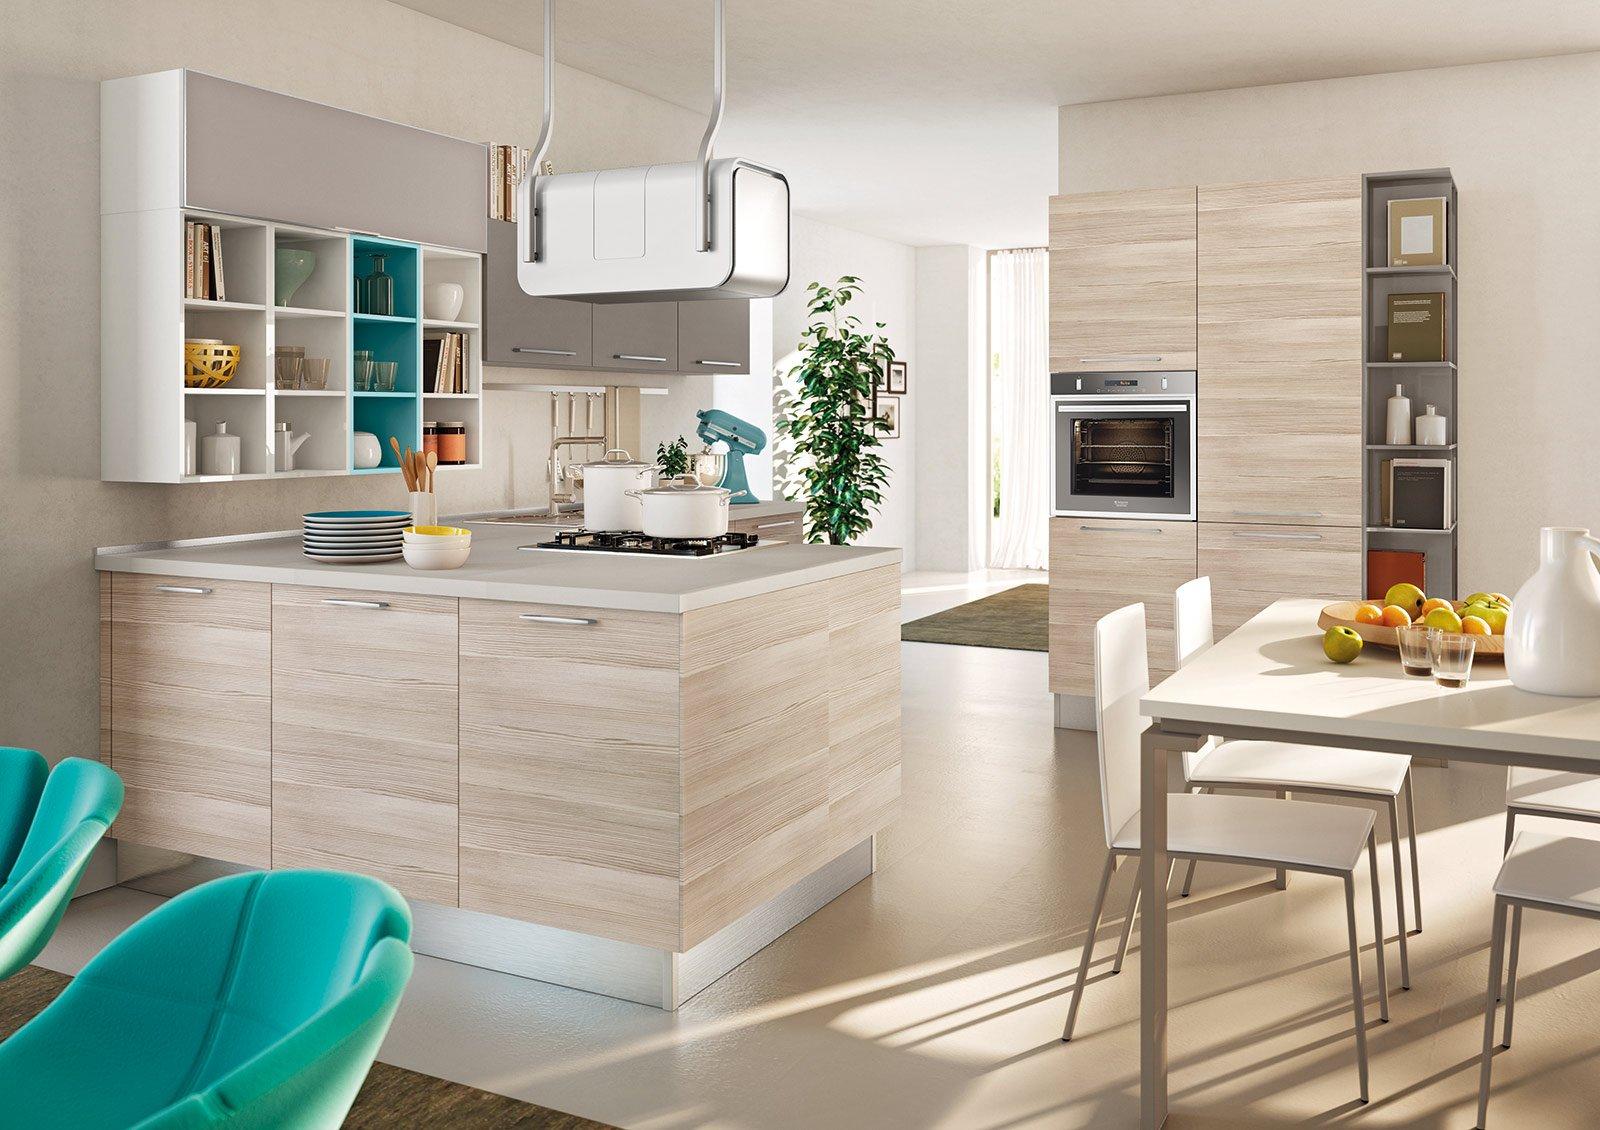 Sono Di Qualità E Certificati I Materiali Della Cucina Swing Di Lube  #088079 1600 1130 Foto Di Cucine In Stile Provenzale